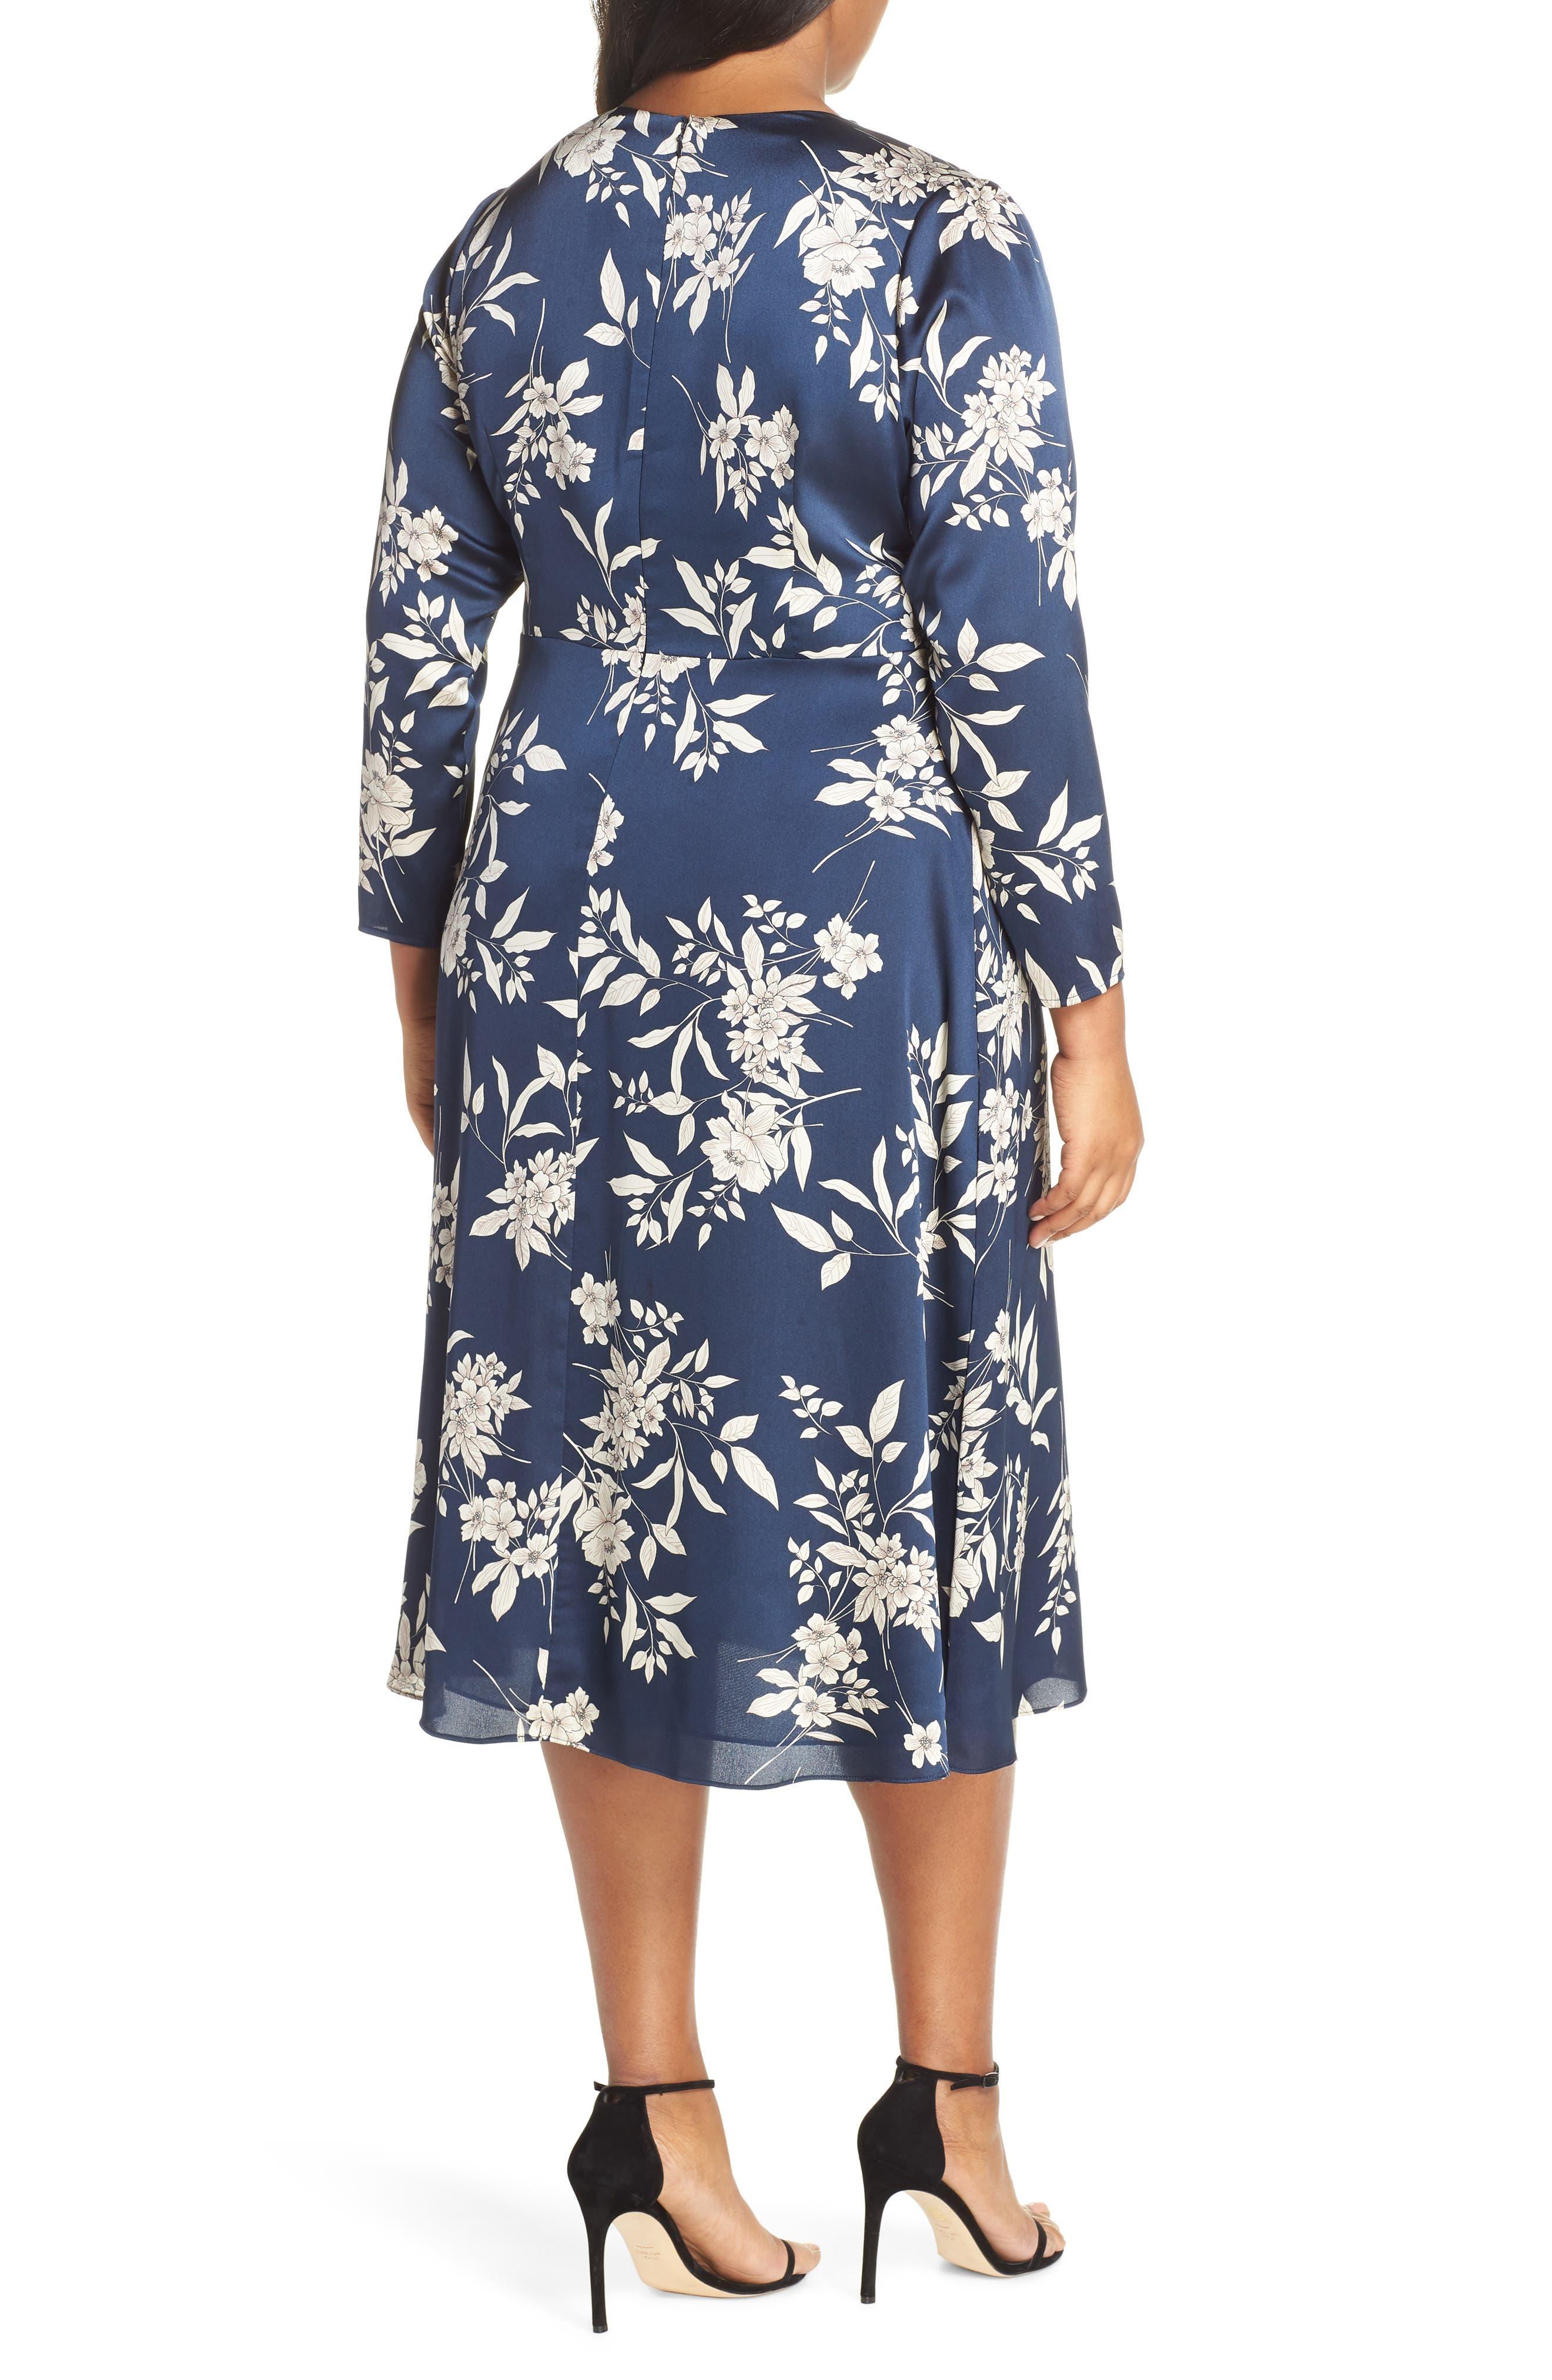 Etched Bouquet Midi Dress,                             Alternate thumbnail 2, color,                             INK BLUE